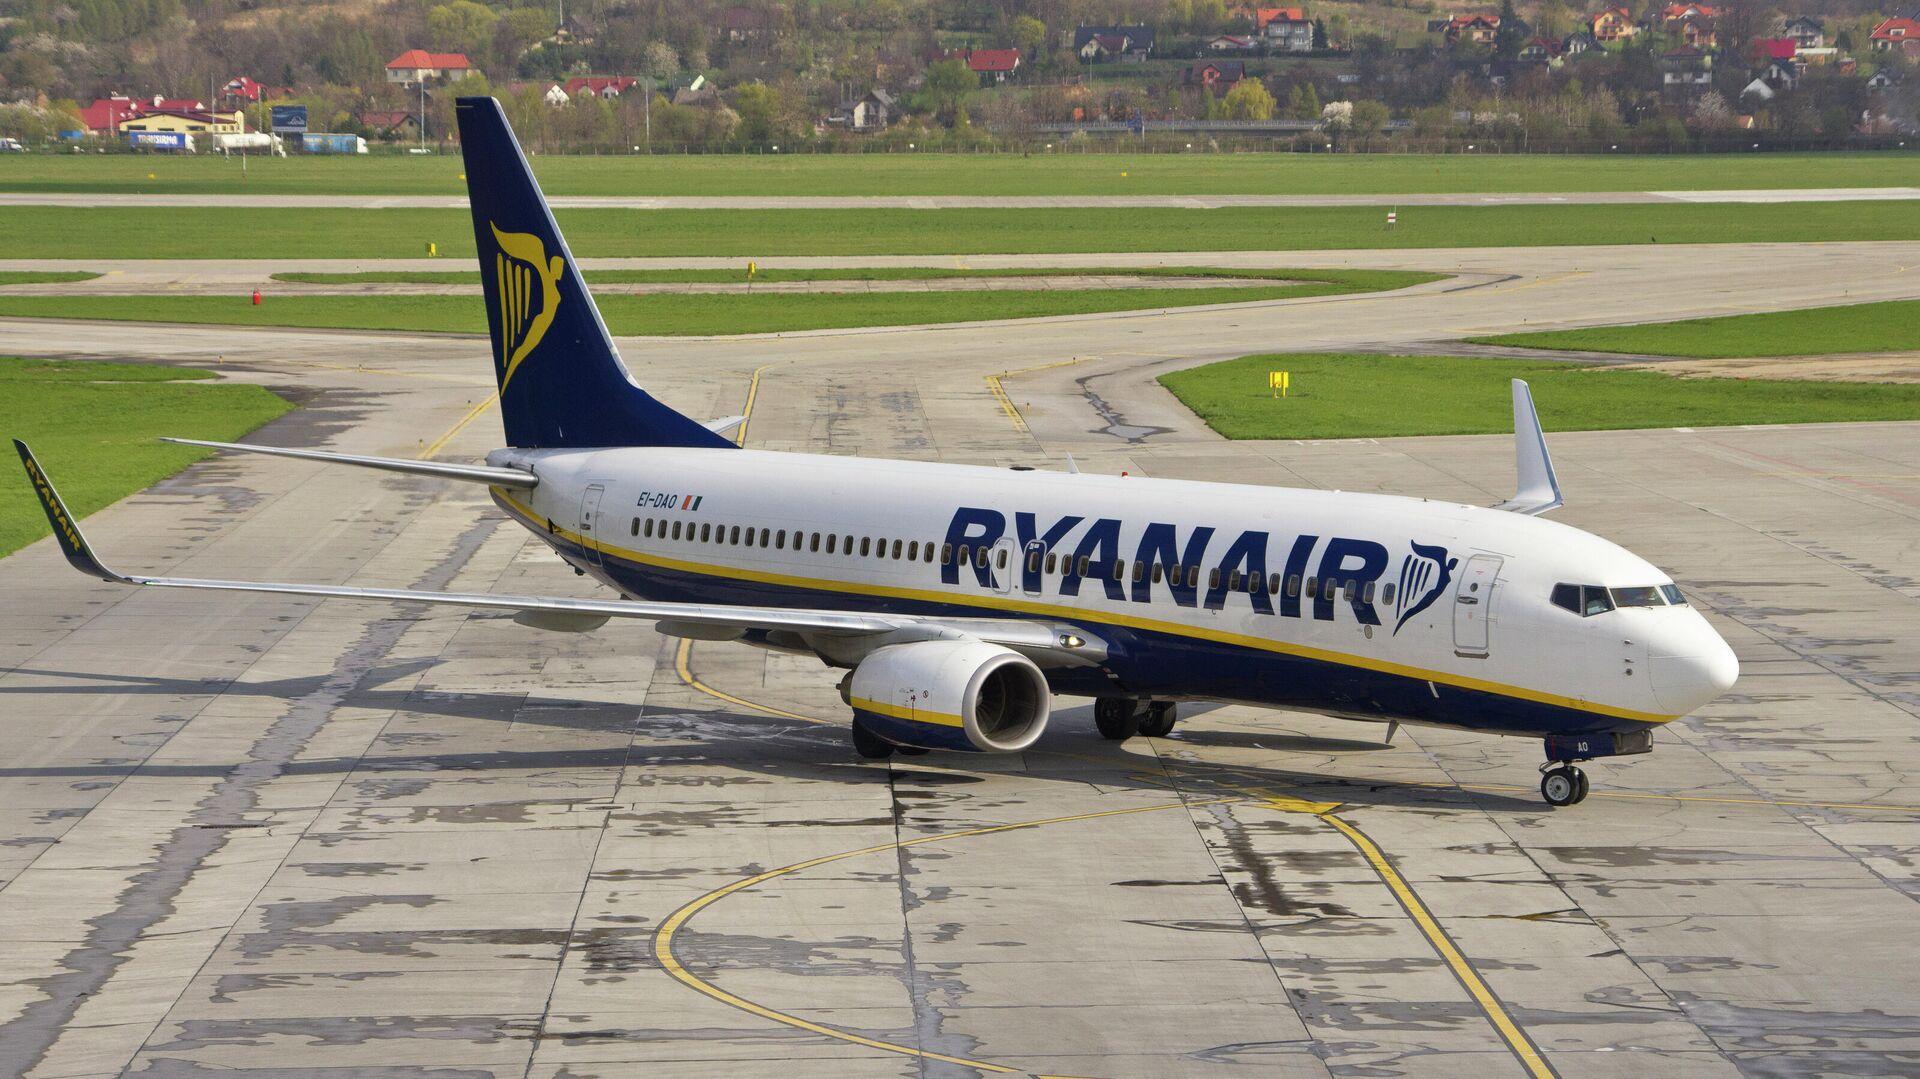 Самолет авиакомпании Ryanair в аэропорту Кракова, Польша - РИА Новости, 1920, 15.06.2021